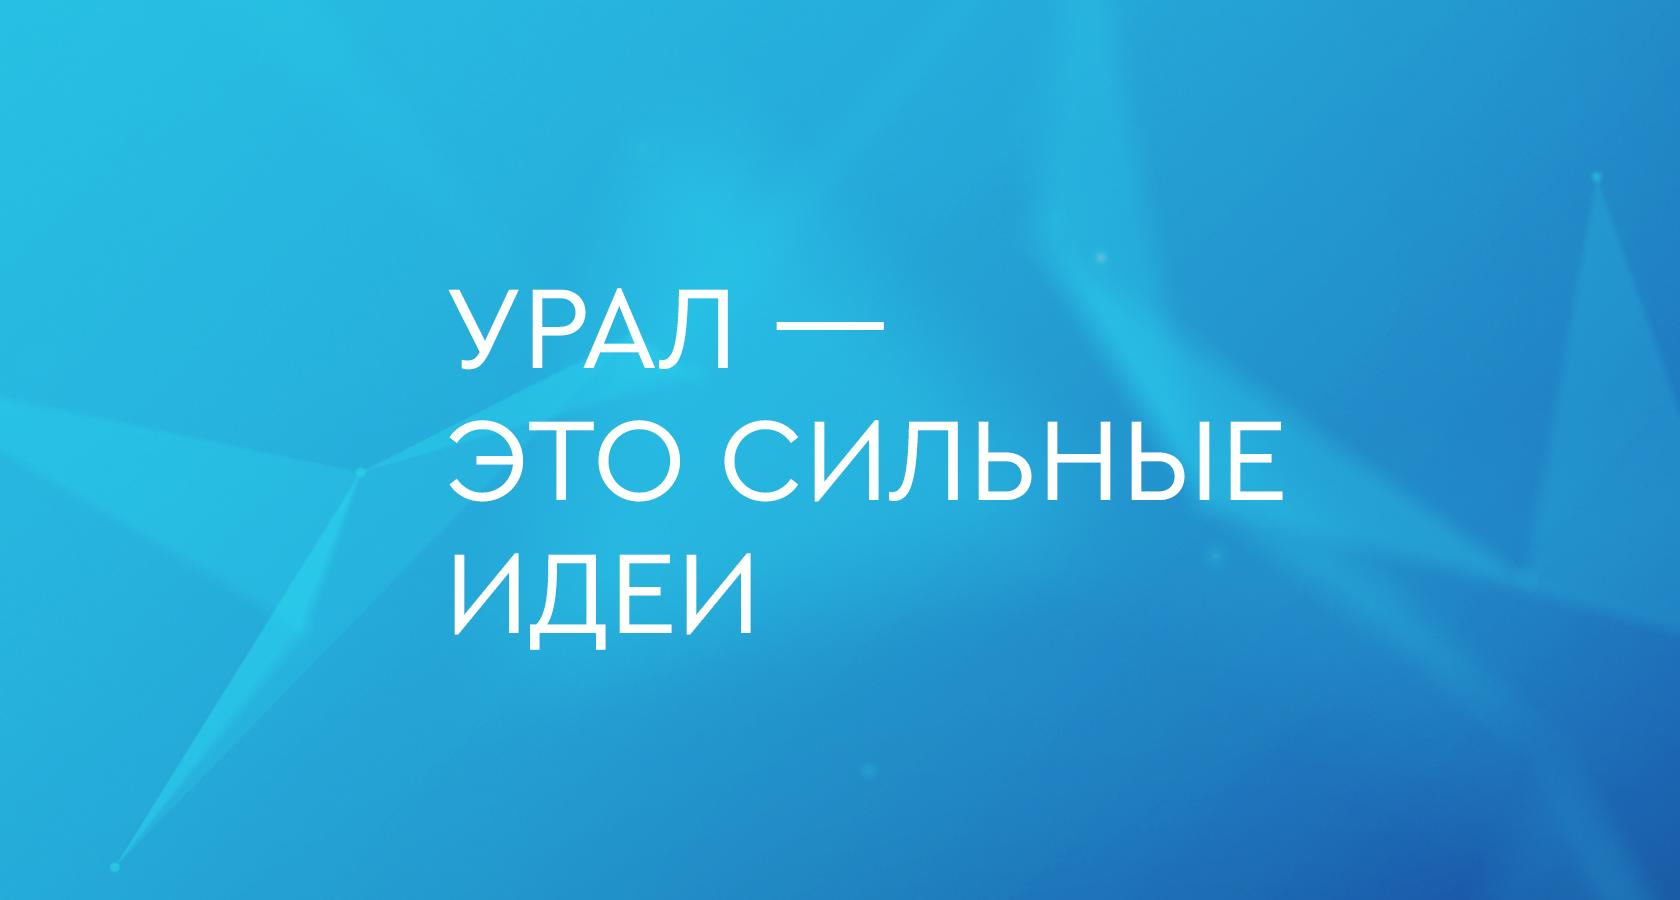 ideas.meet-in-ural.ru